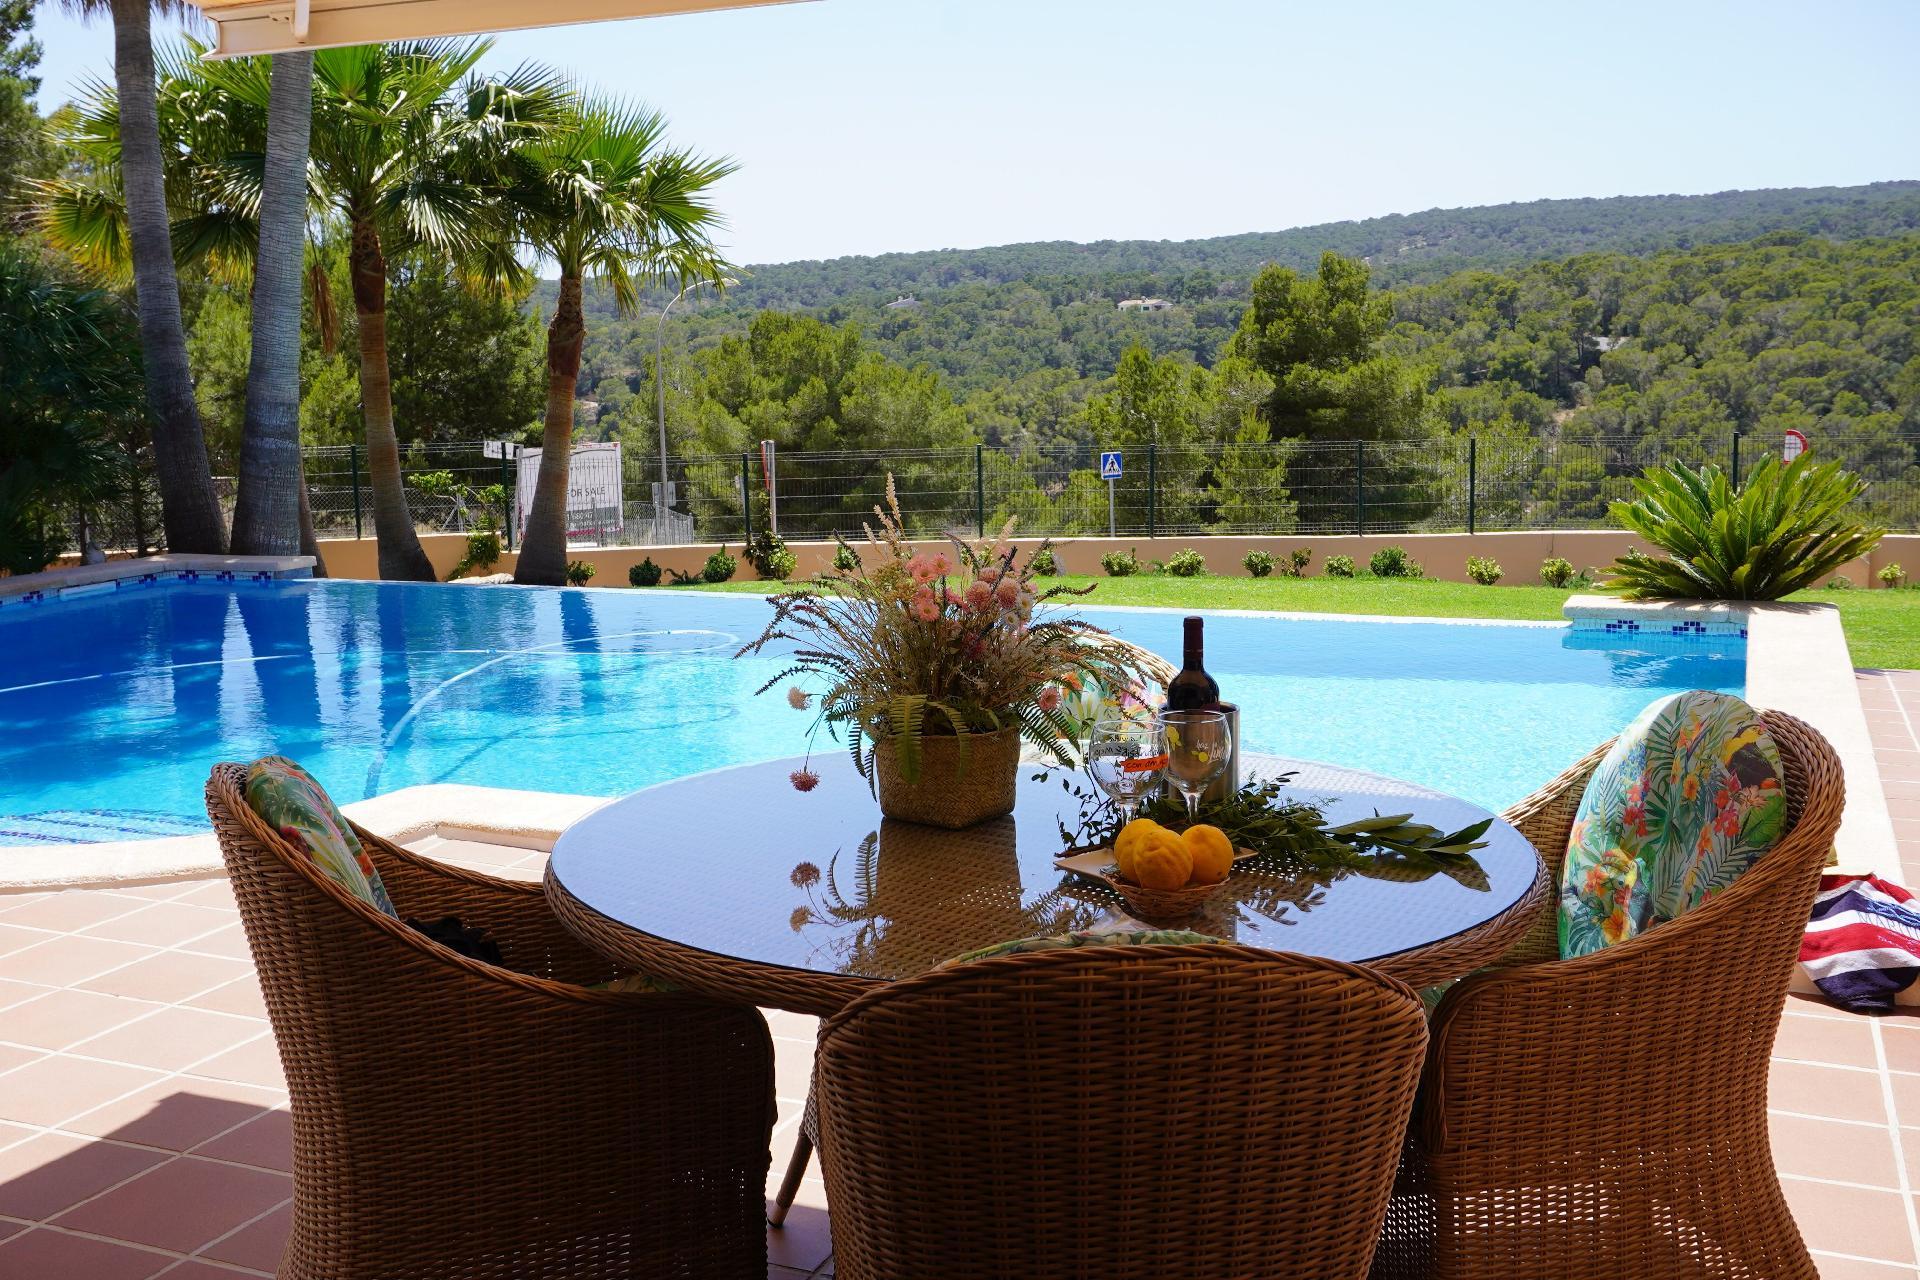 Ferienhaus mit Privatpool für 6 Personen 2 Kinder ca 250 m² in Sol de Mallorca Mallorca Südwestküste von Mallorca